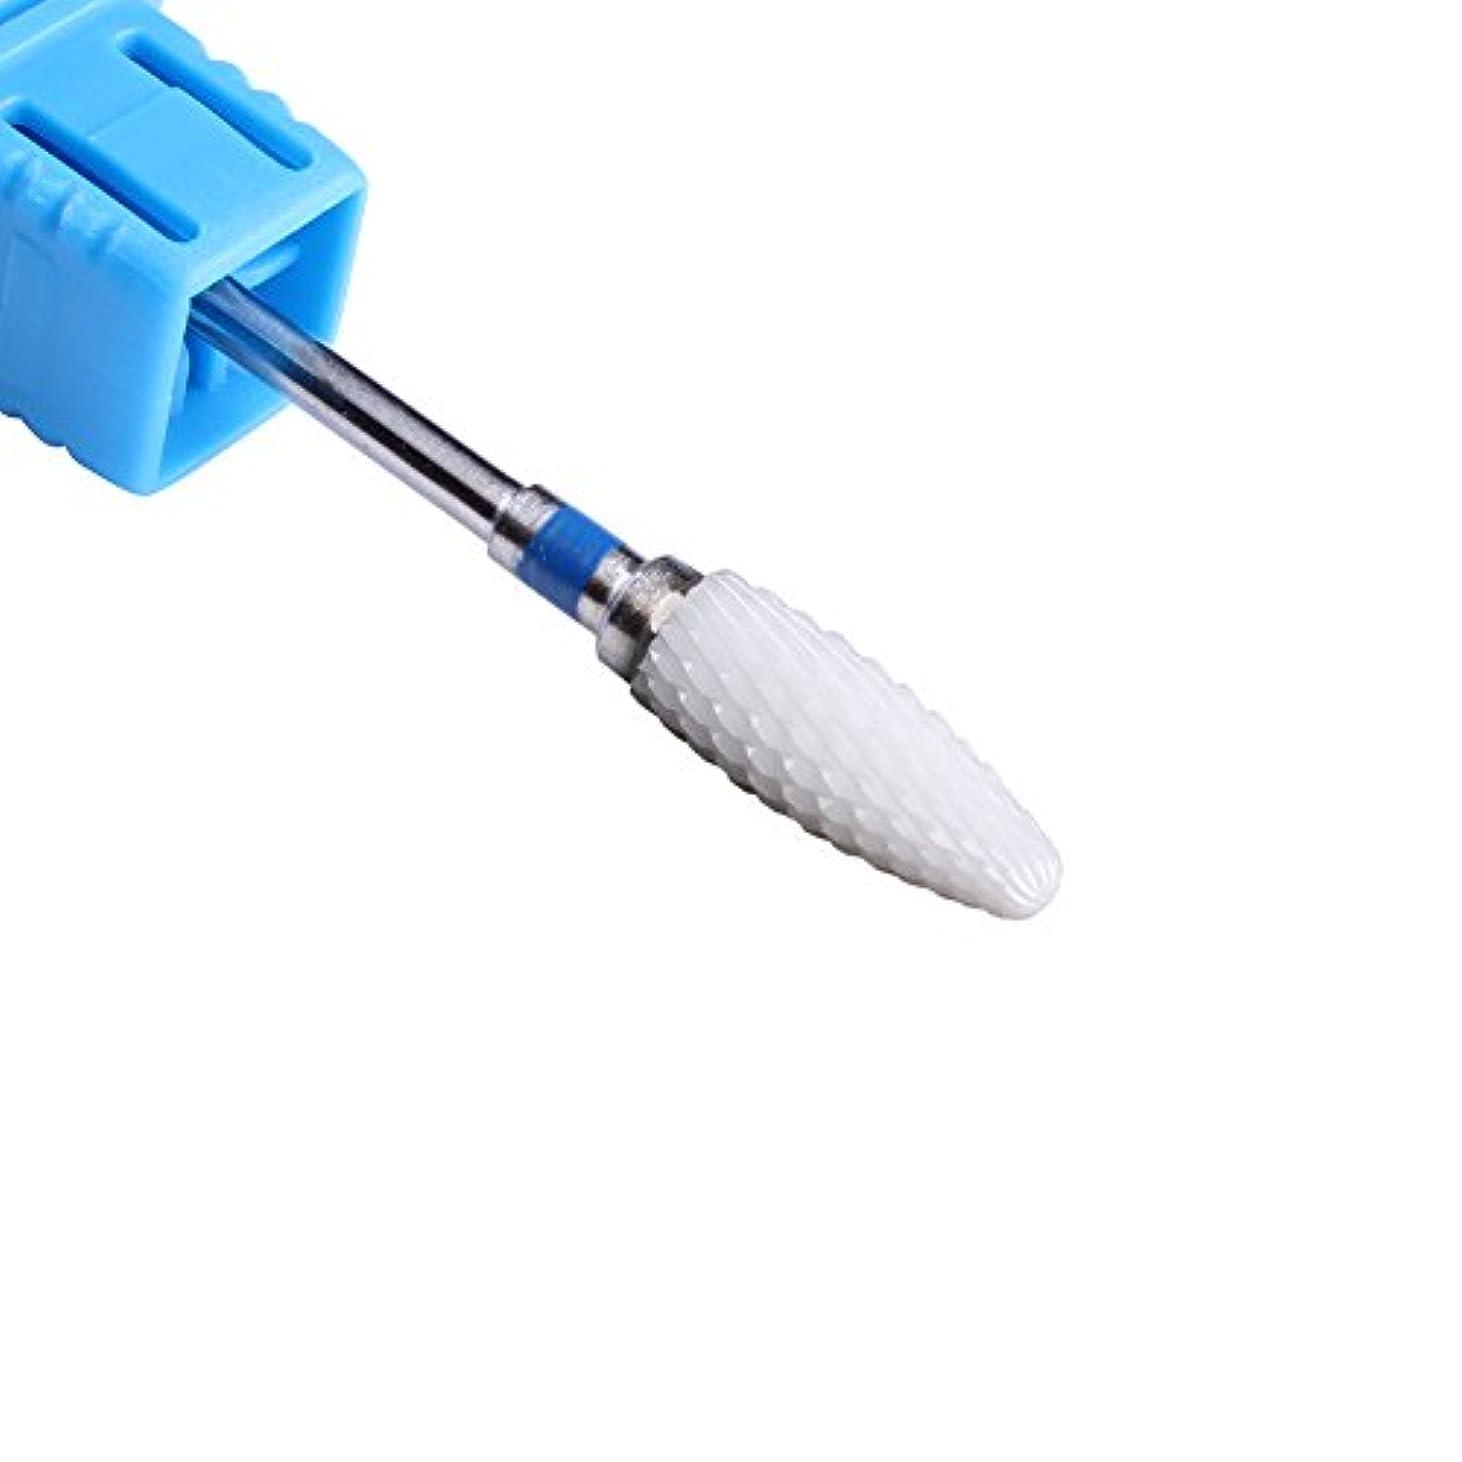 グラフ消化器右ミディアム陶磁器ネイルドリルビット, 電気ドリルビット, アクリル UVゲル 除去ツール